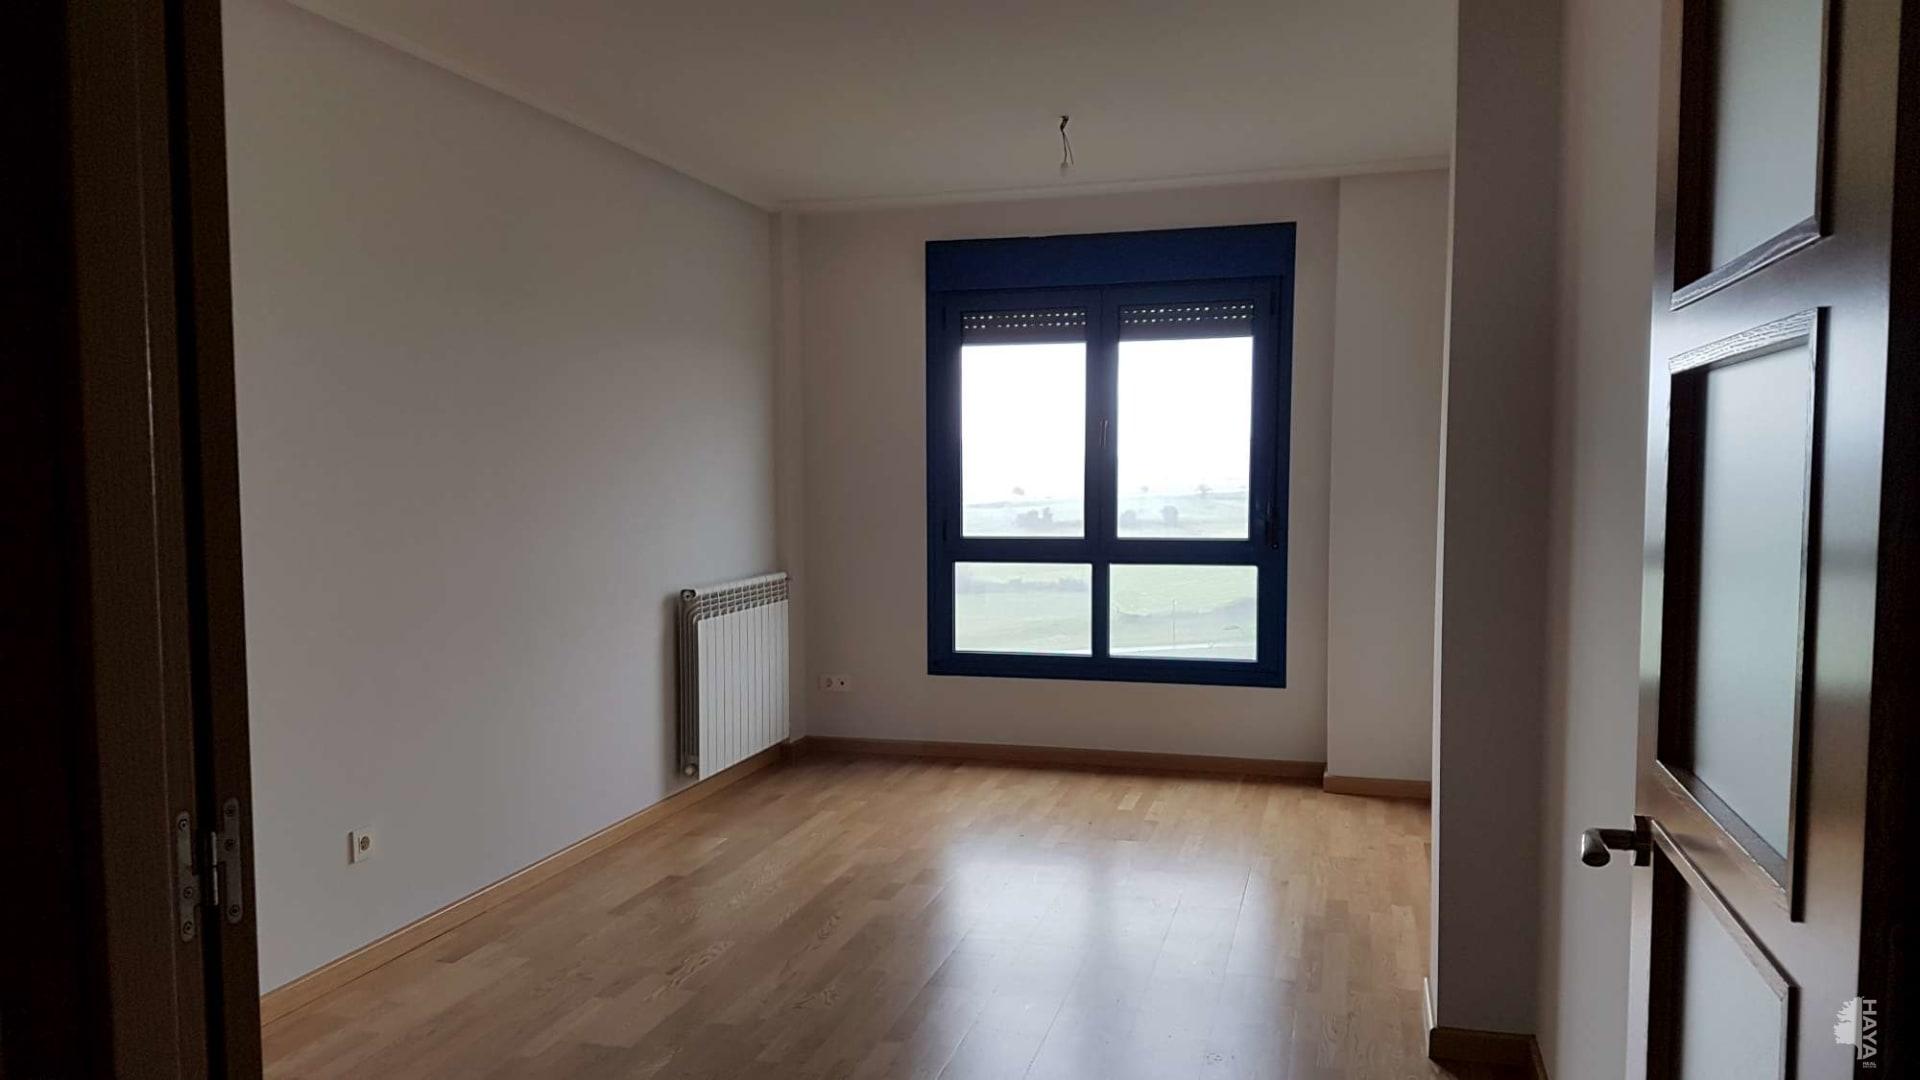 Piso en venta en Favila, Corvera de Asturias, Asturias, Pasaje del Manzano, 115.200 €, 3 habitaciones, 1 baño, 89 m2